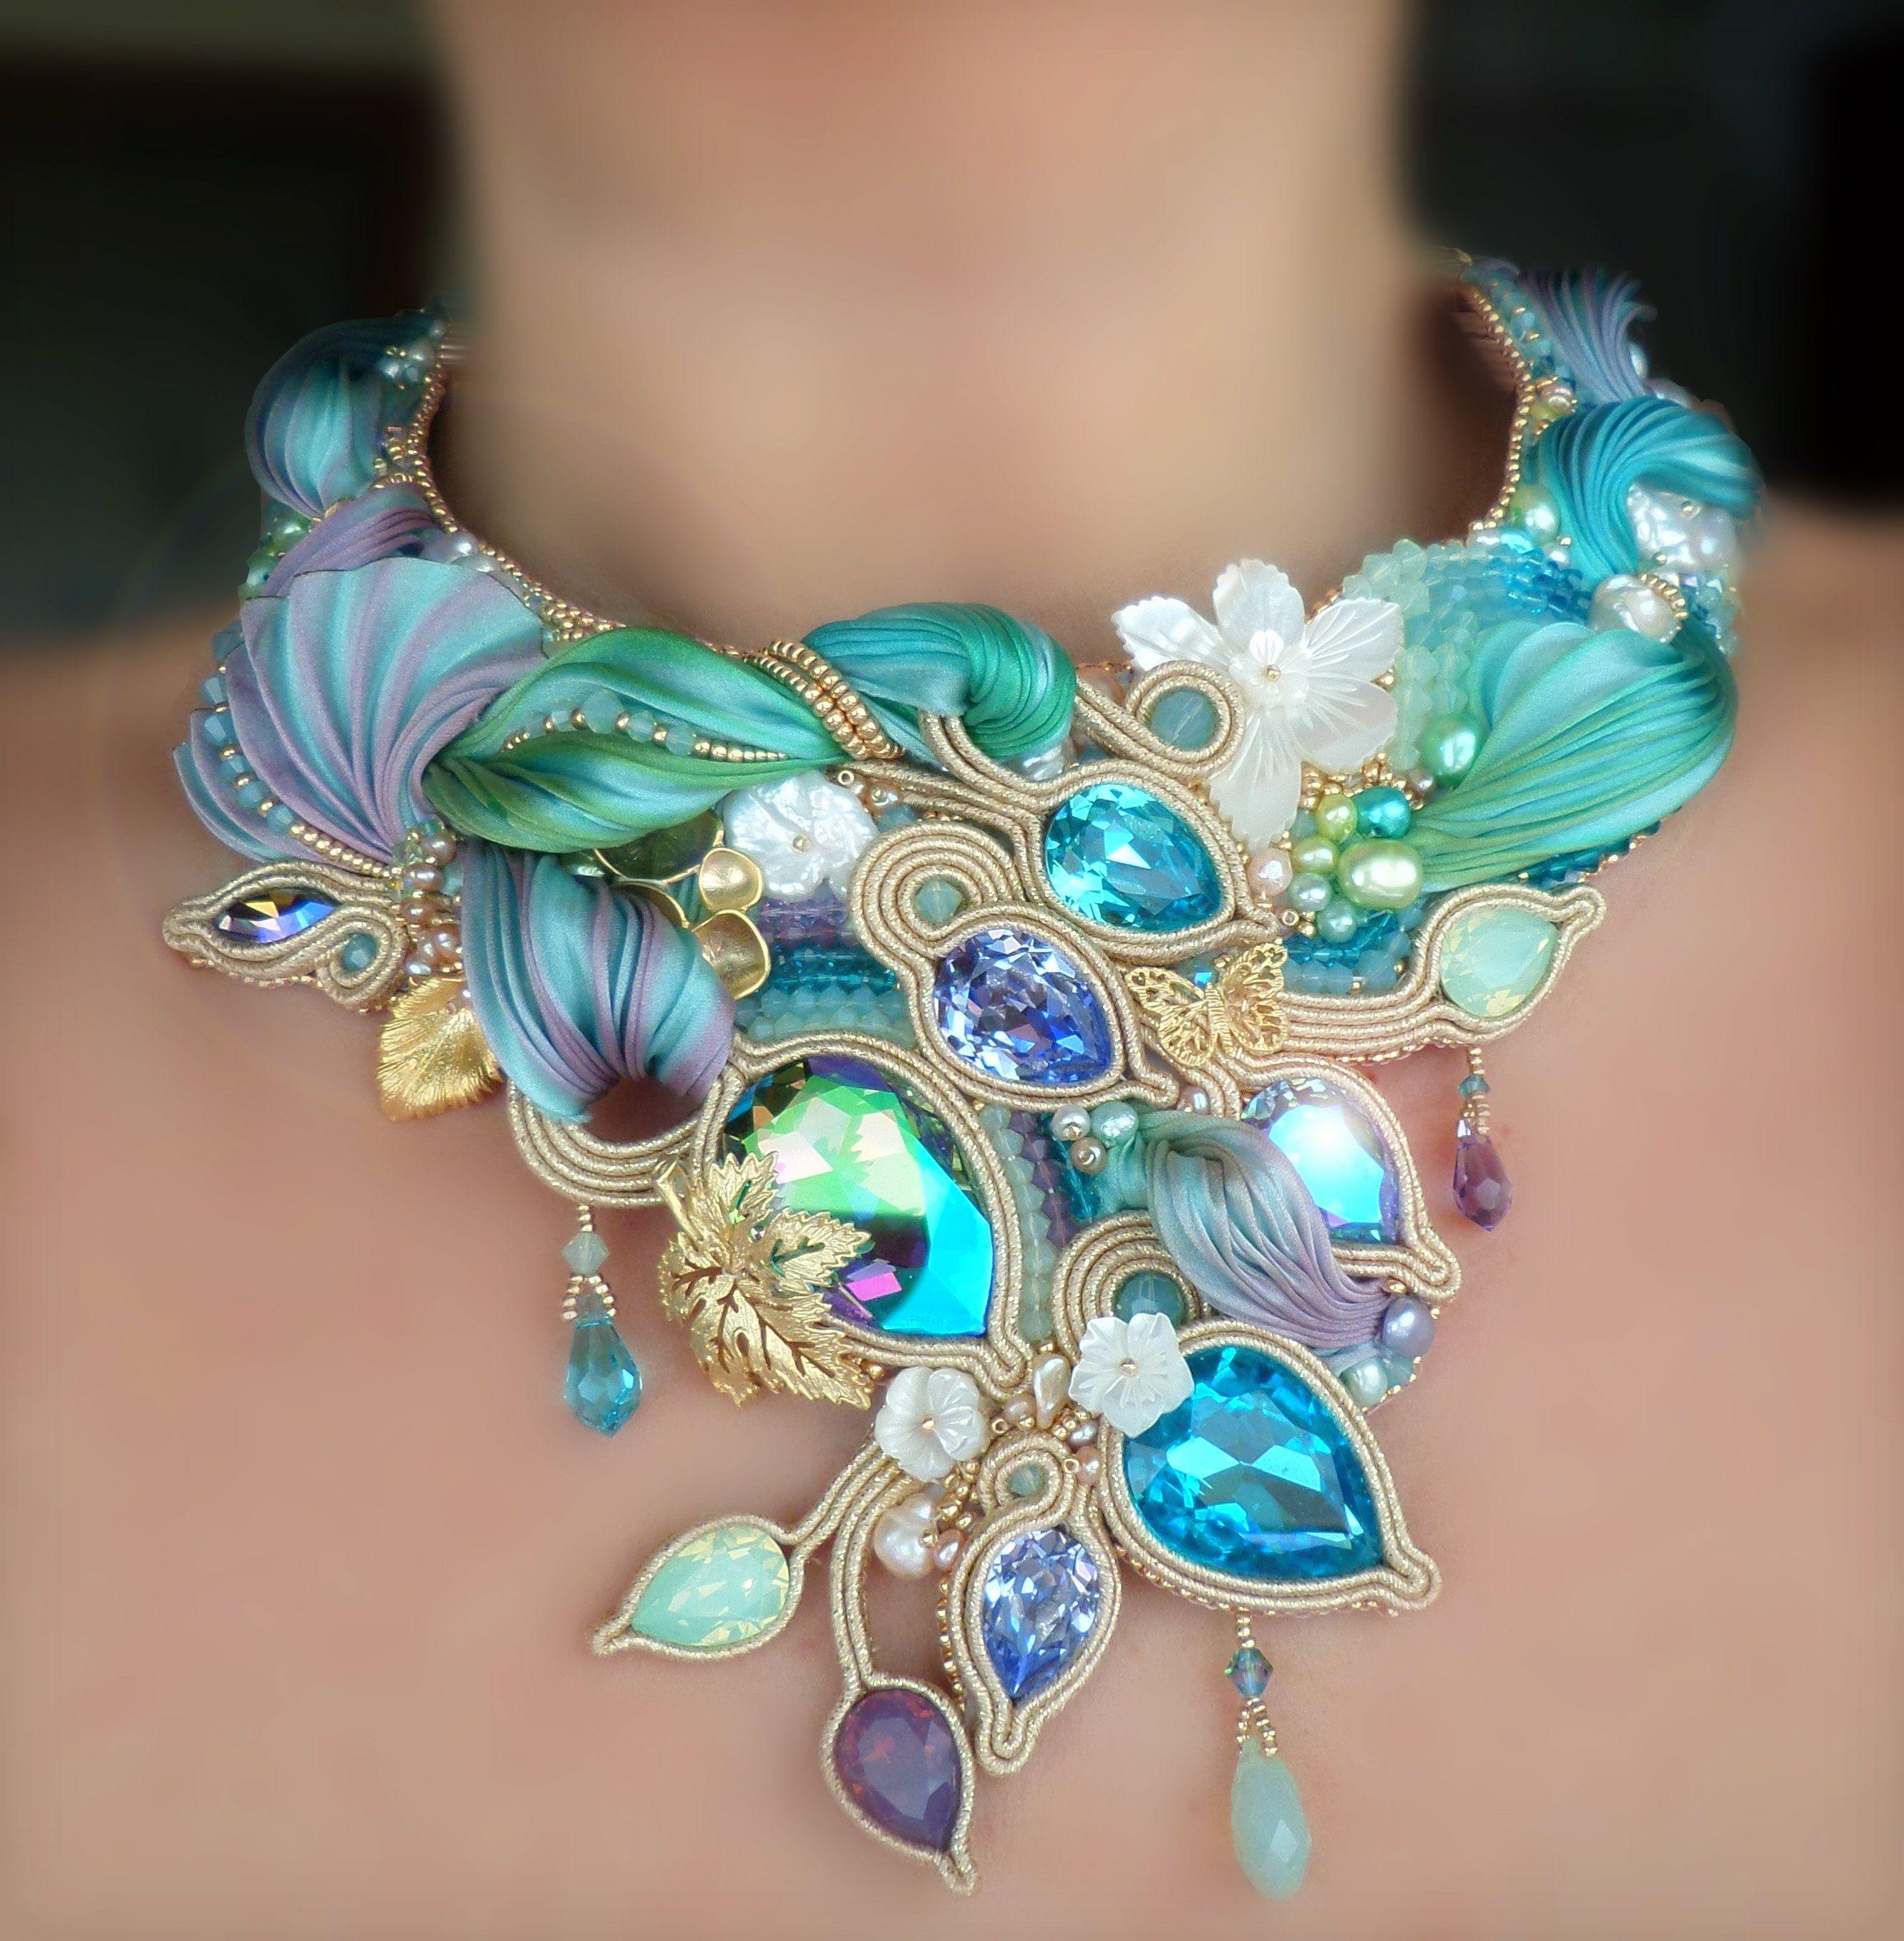 White Fire Opal Rainbow Topaz CZ Silver Women Jewelry Gift Ring Size 6 10 OJ9458